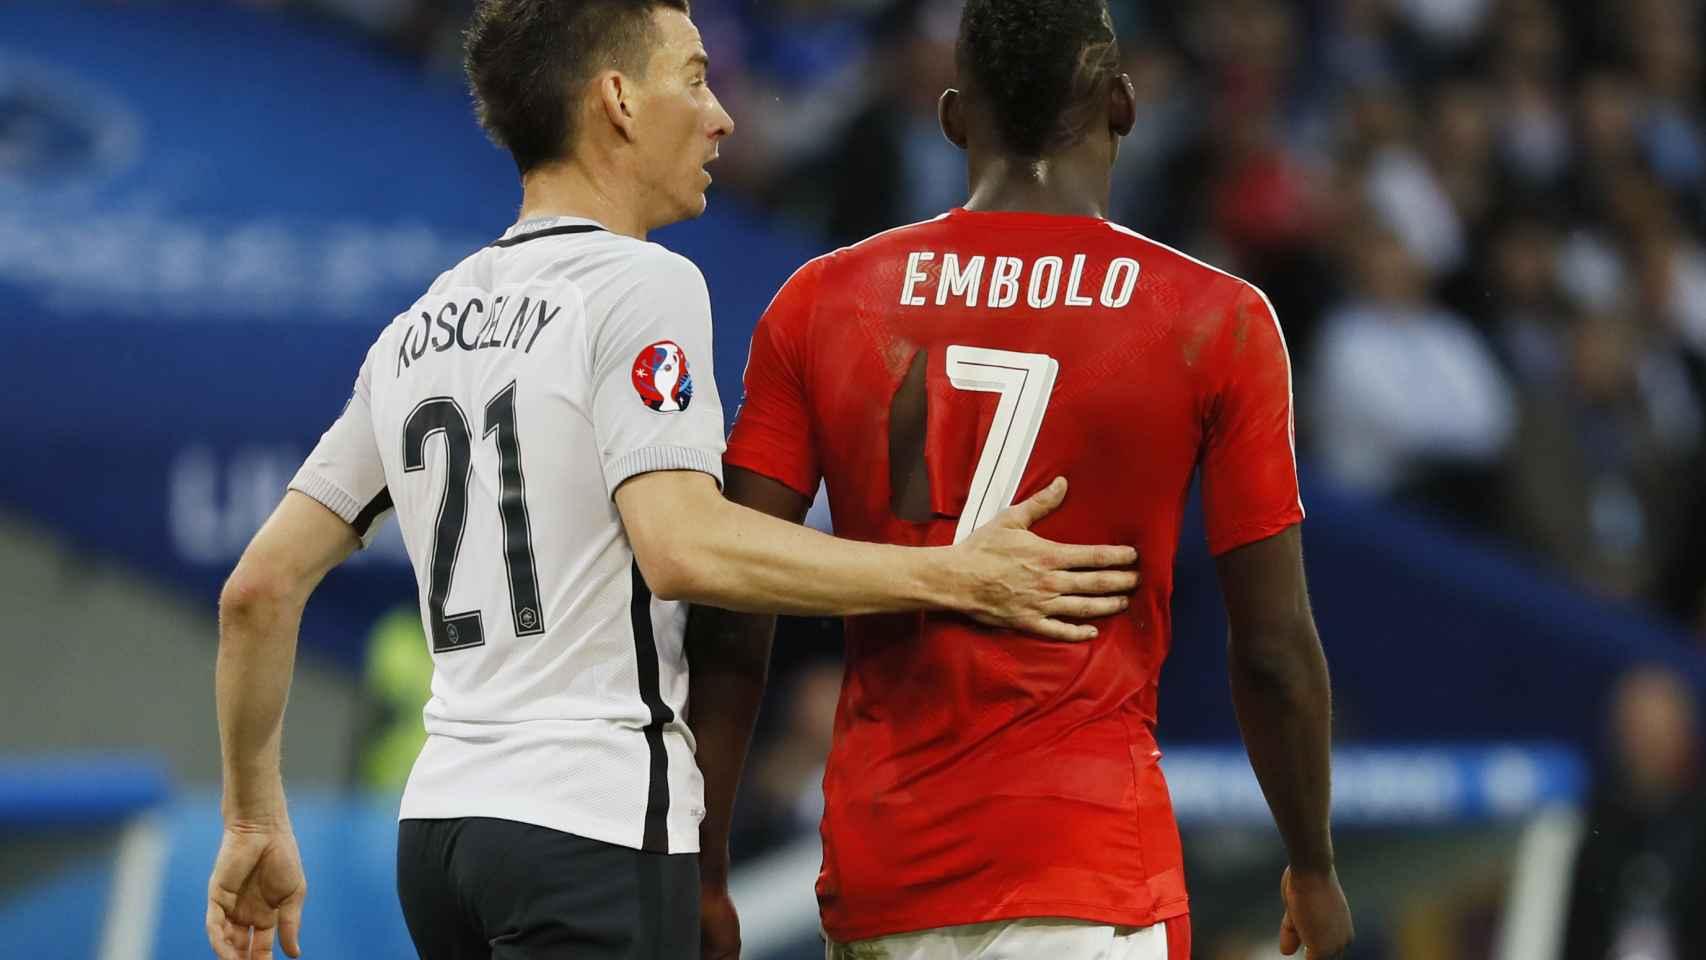 Koscielny y Embolo se saludan en el Francia - Suiza.